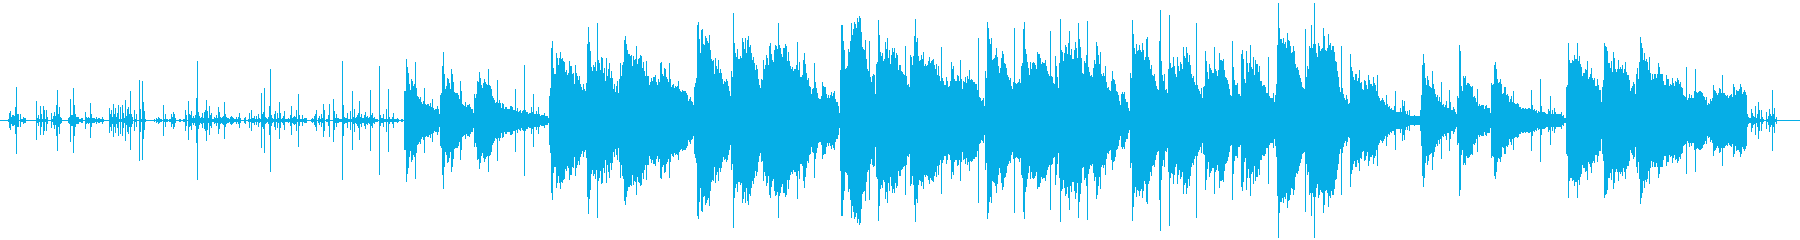 ピアノとタイピングで綴る思い出(フル)の再生済みの波形